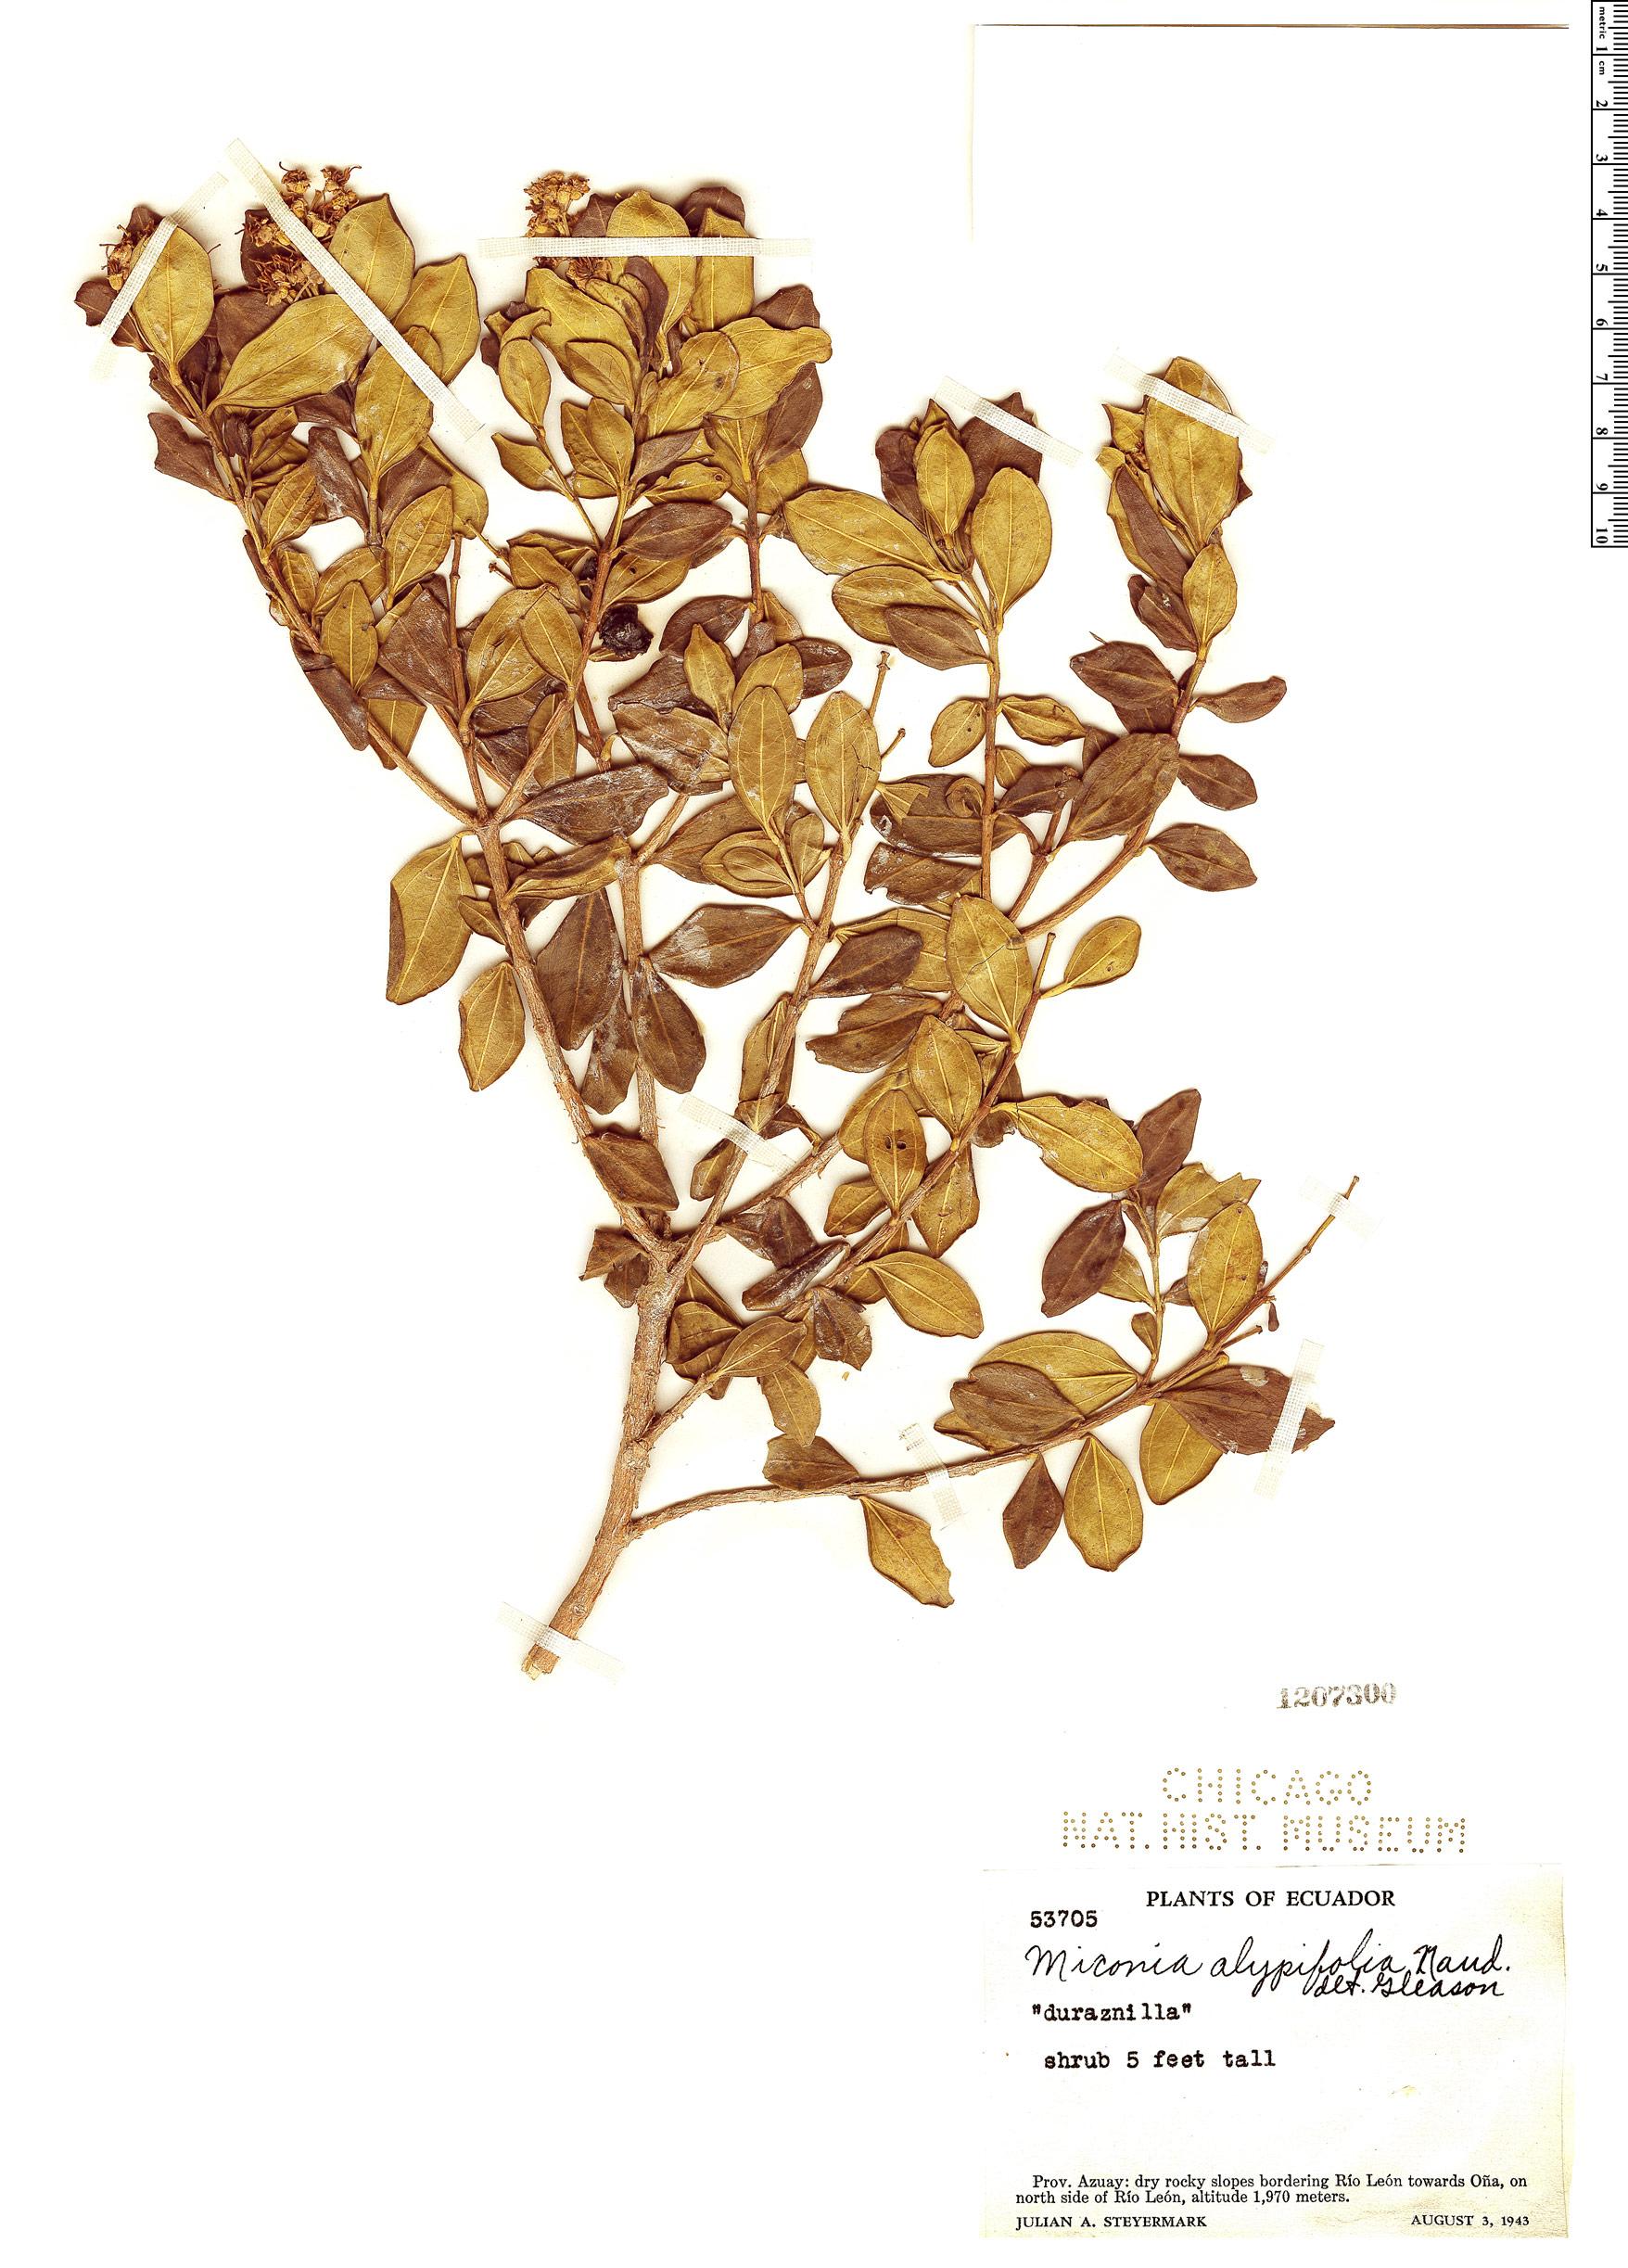 Specimen: Miconia alypifolia